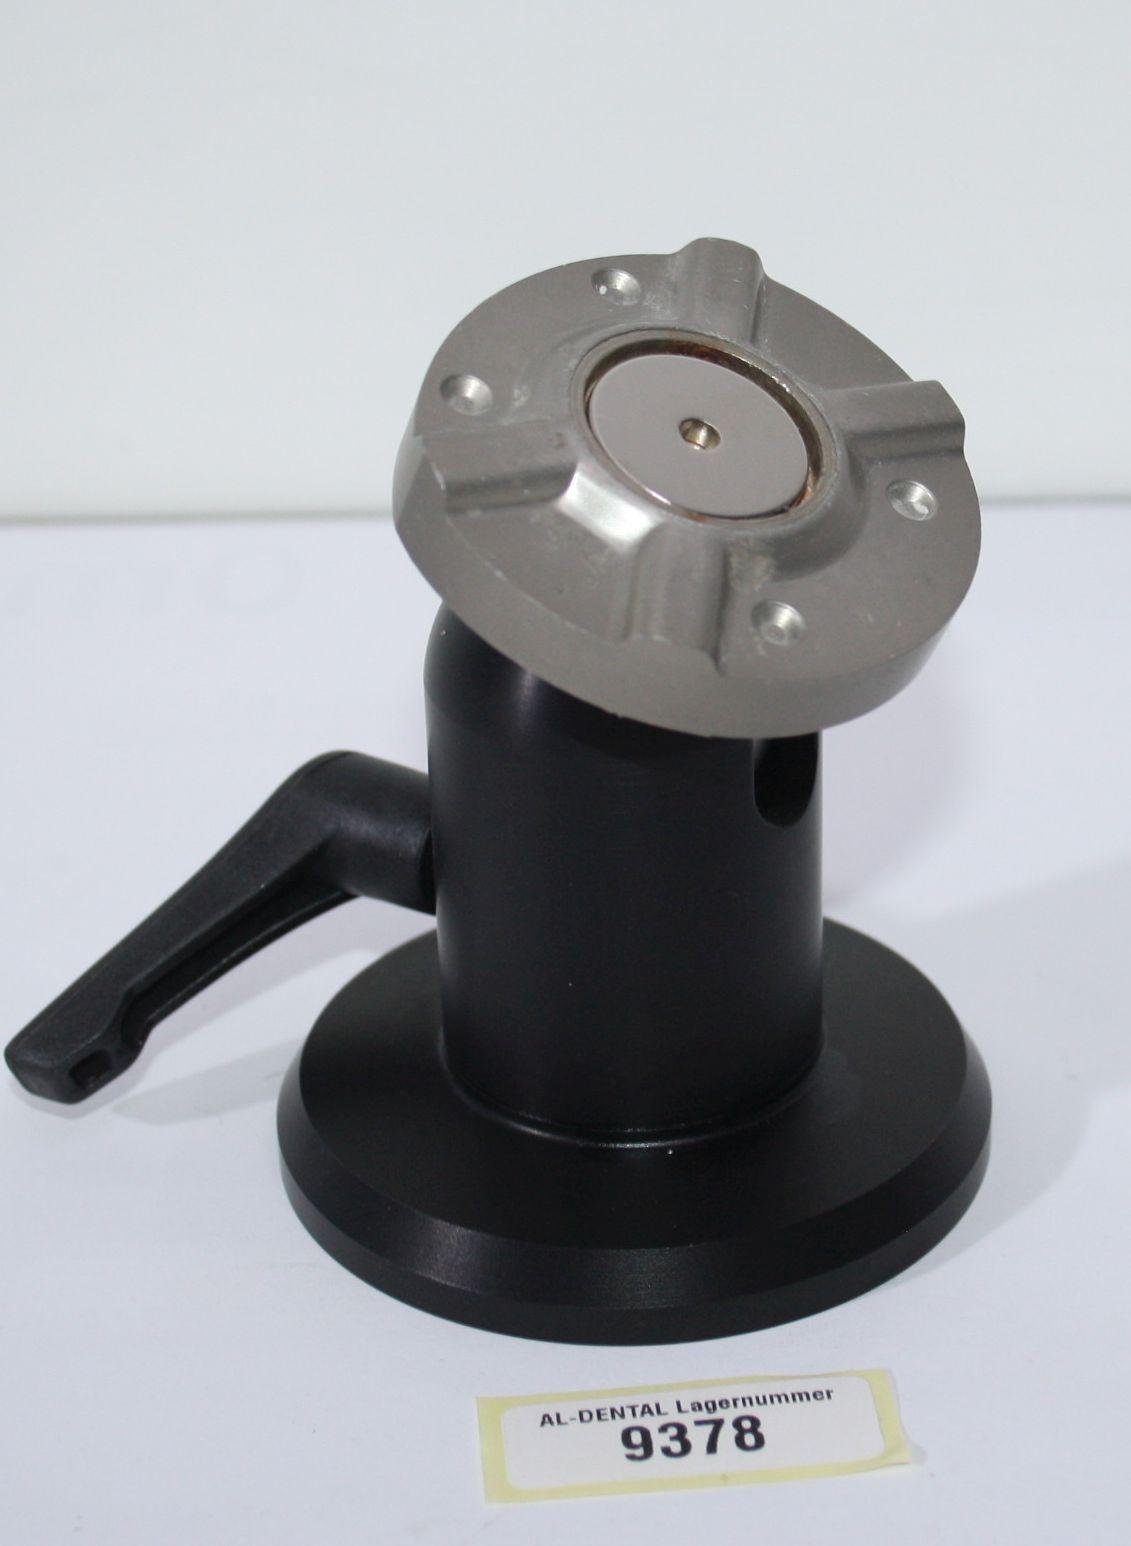 Modelltisch mit Rossner Quicksplit-System-Aufnahme # 9378